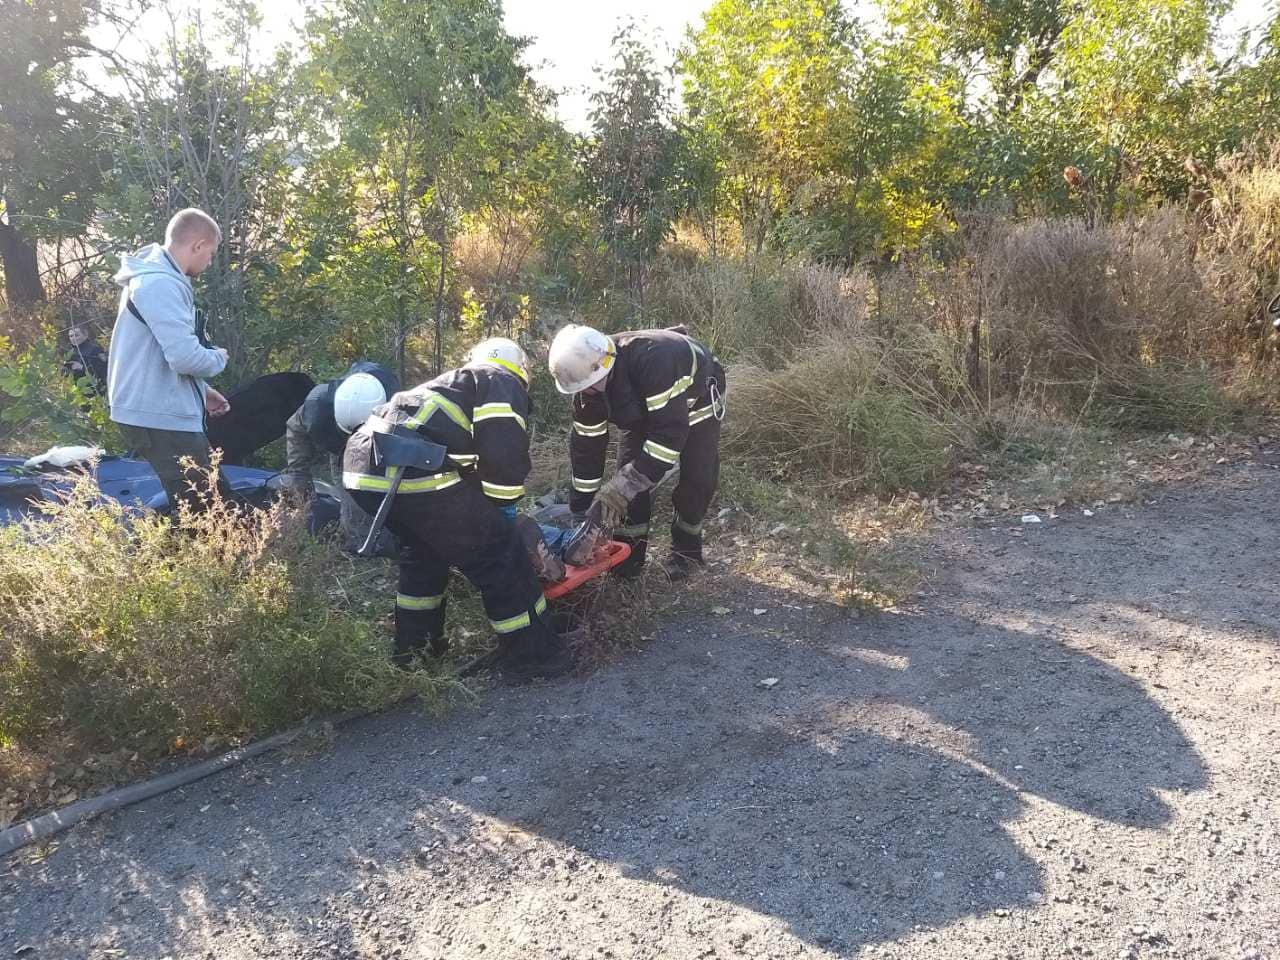 Погиб пассажир: авто влетело в фуру, полиция ищет свидетелей. Новости Днепра